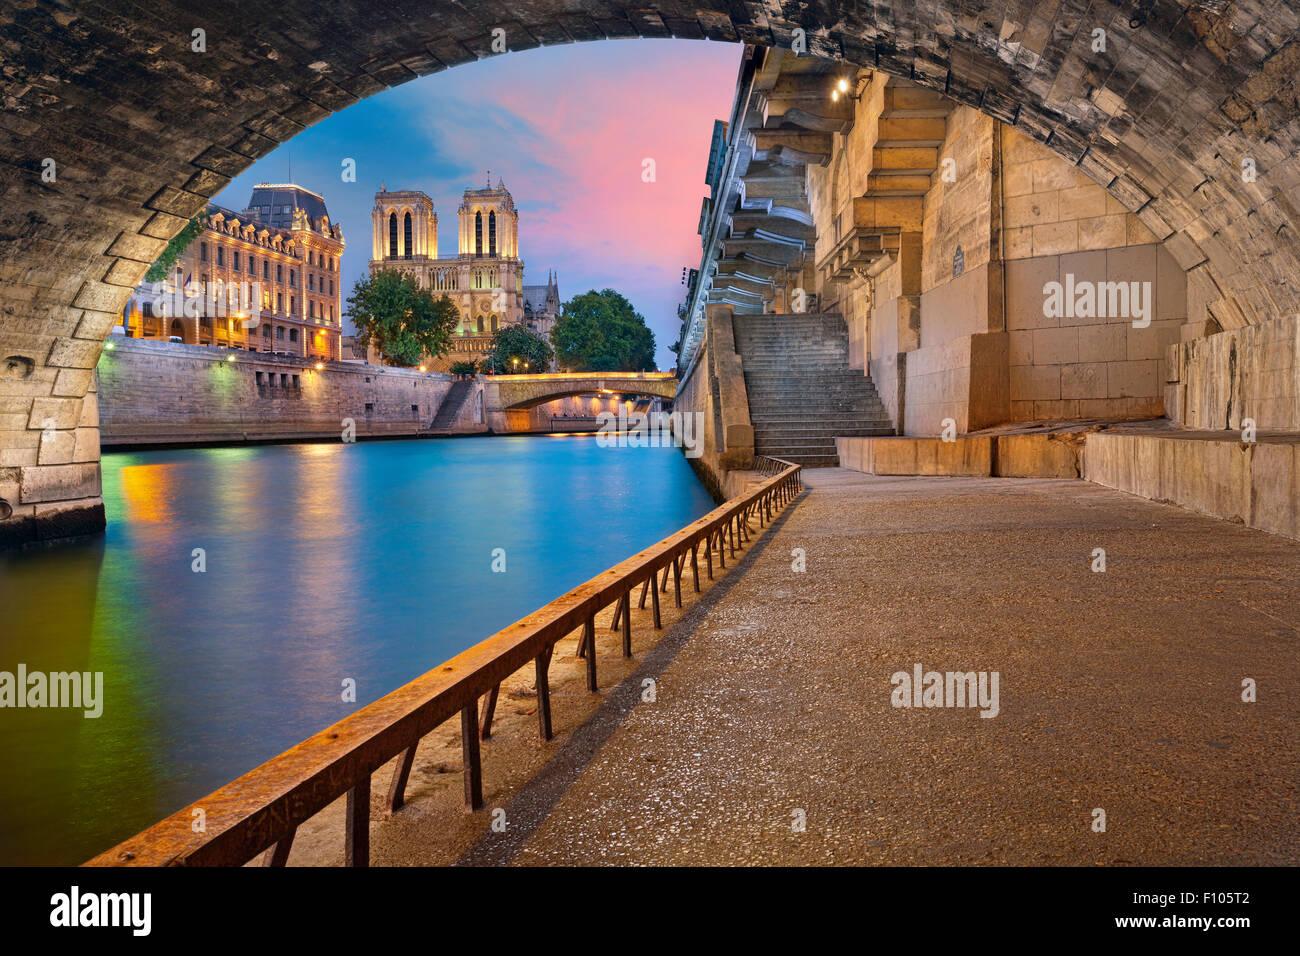 París. Imagen de la catedral Notre-Dame de París y de la ribera del río Sena en París, Francia. Foto de stock